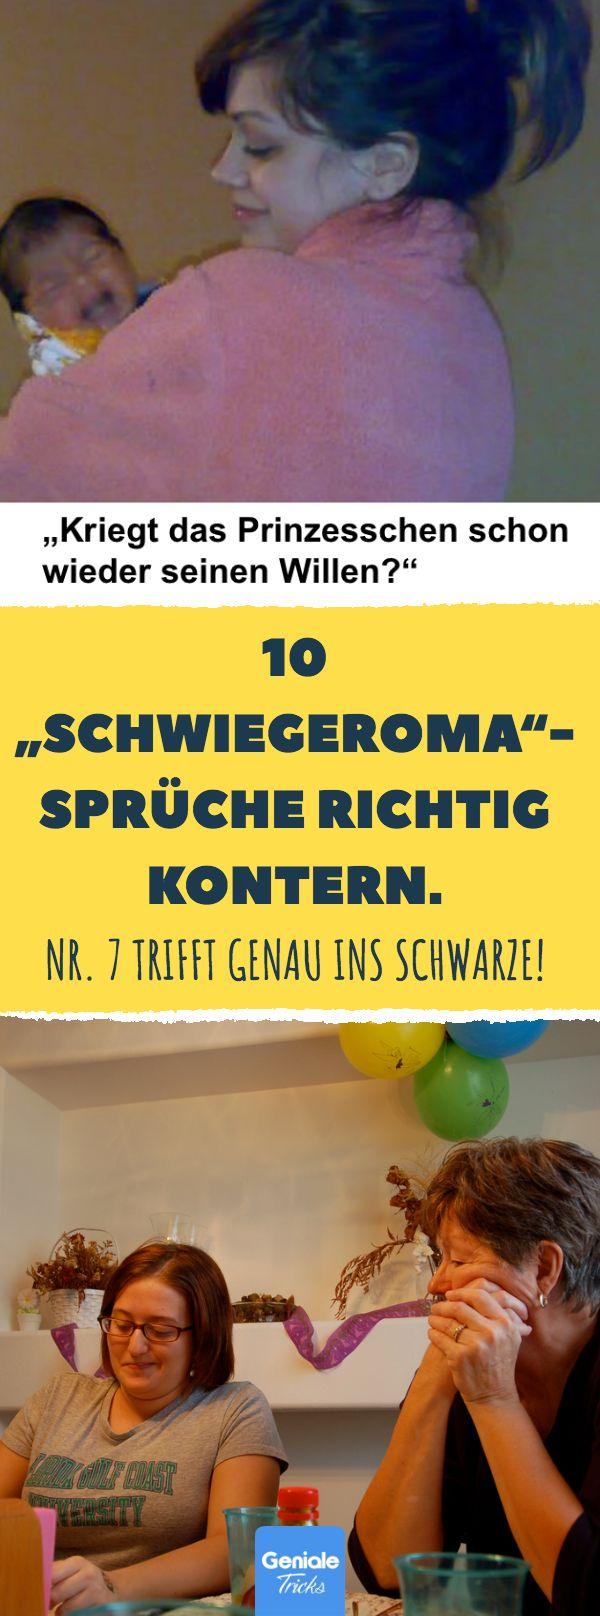 """10 """"Schwiegeroma""""-Sprüche richtig kontern. Nr. 7 trifft genau ins Schwarze! 10 Antworten von Müttern auf nervige Sprüche von Omas. #Erziehung #Schwiegermutter #nervig #Sprüche #einmischen #Tipps – Geniale Tricks"""